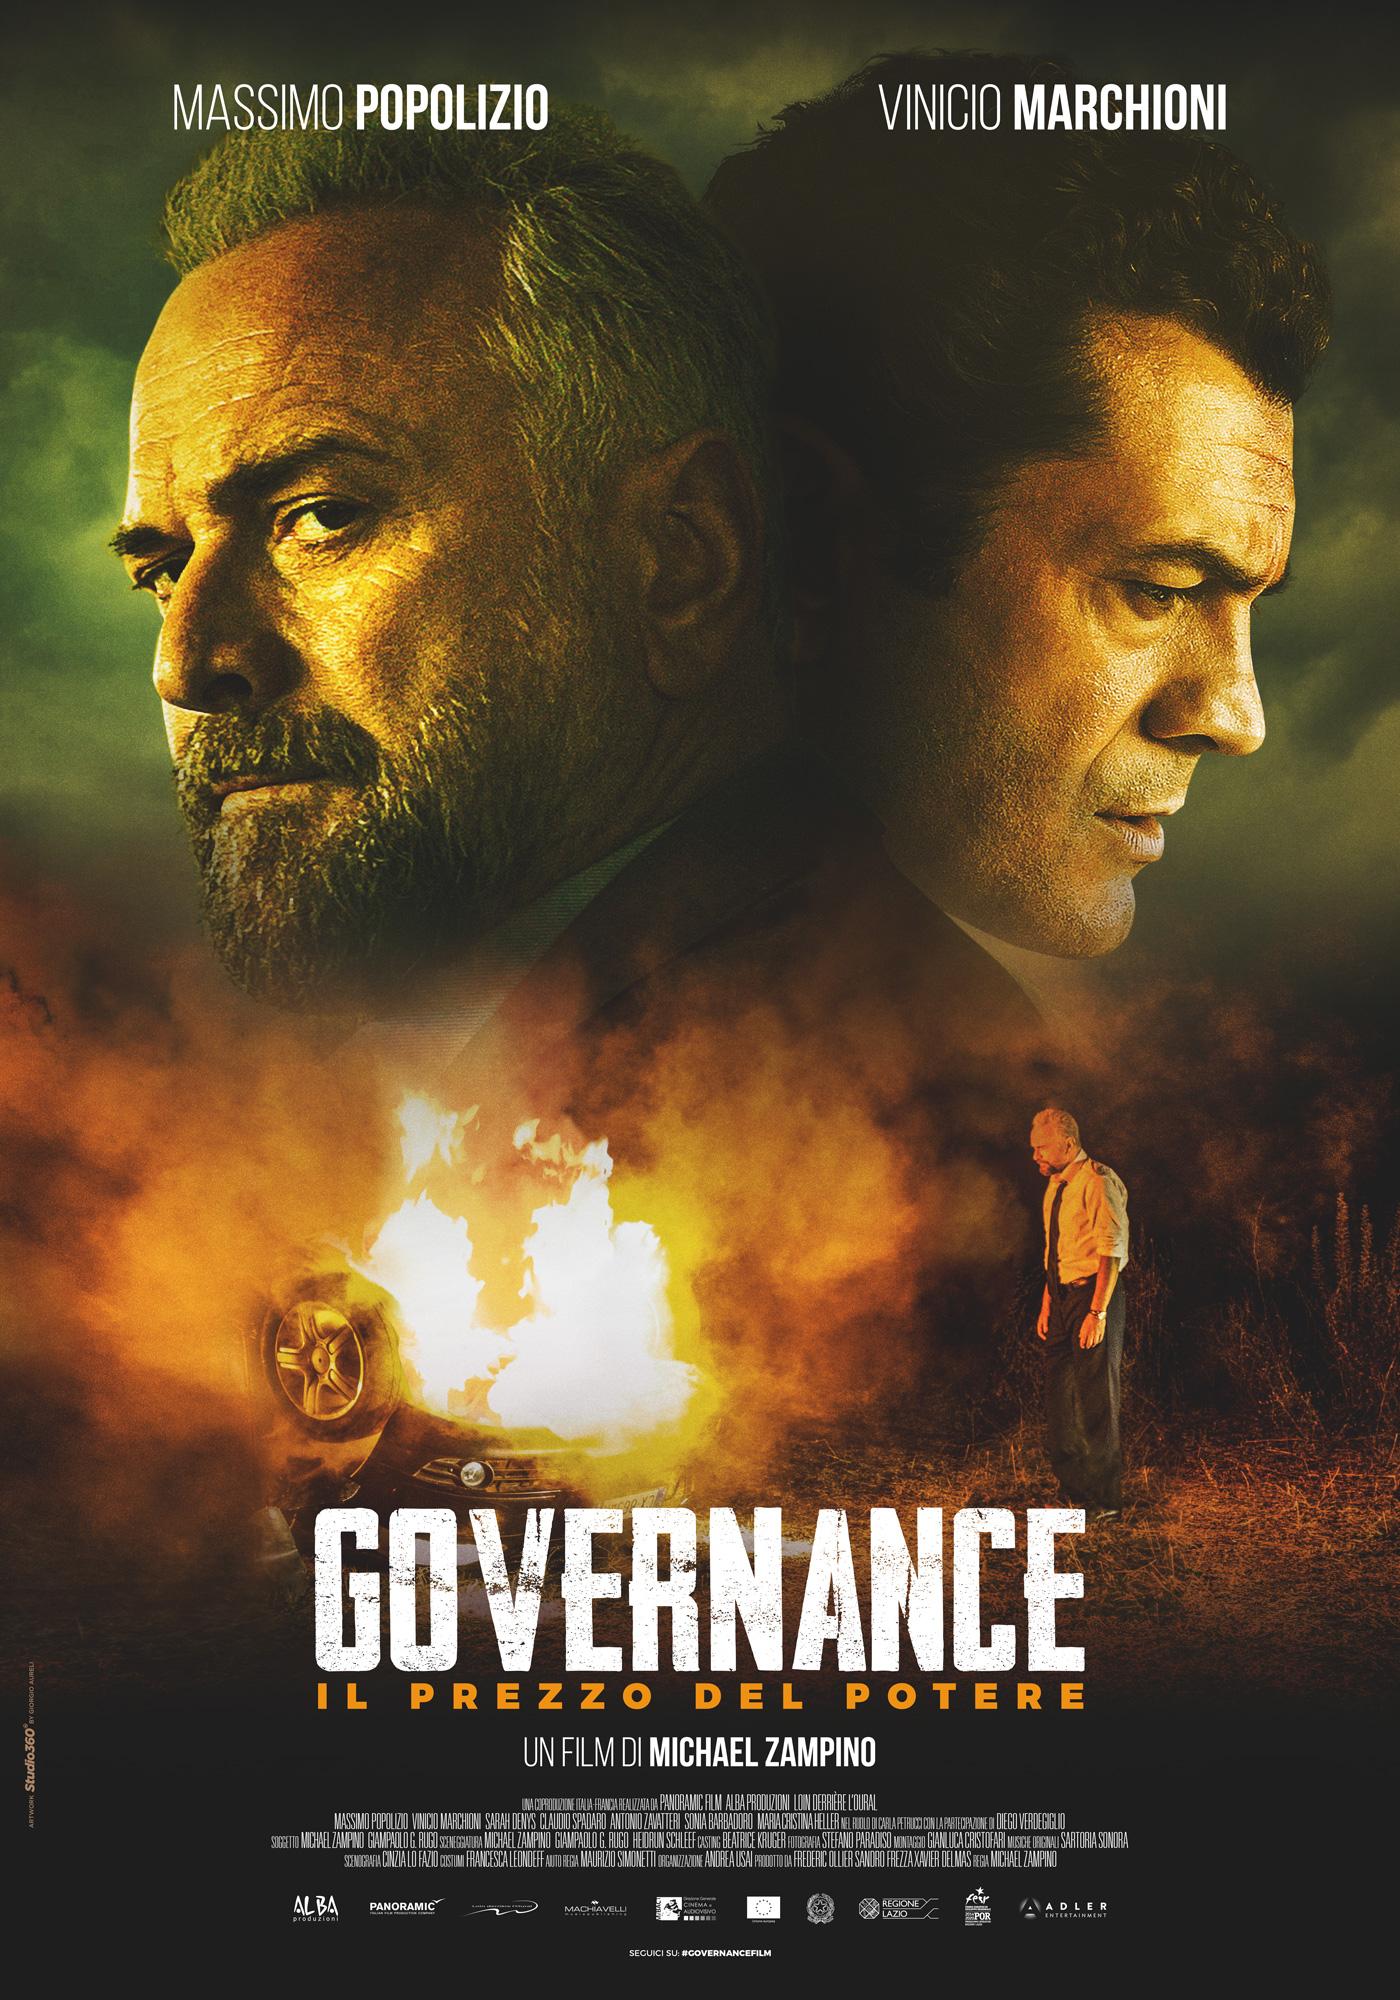 Governance – Il prezzo del potere